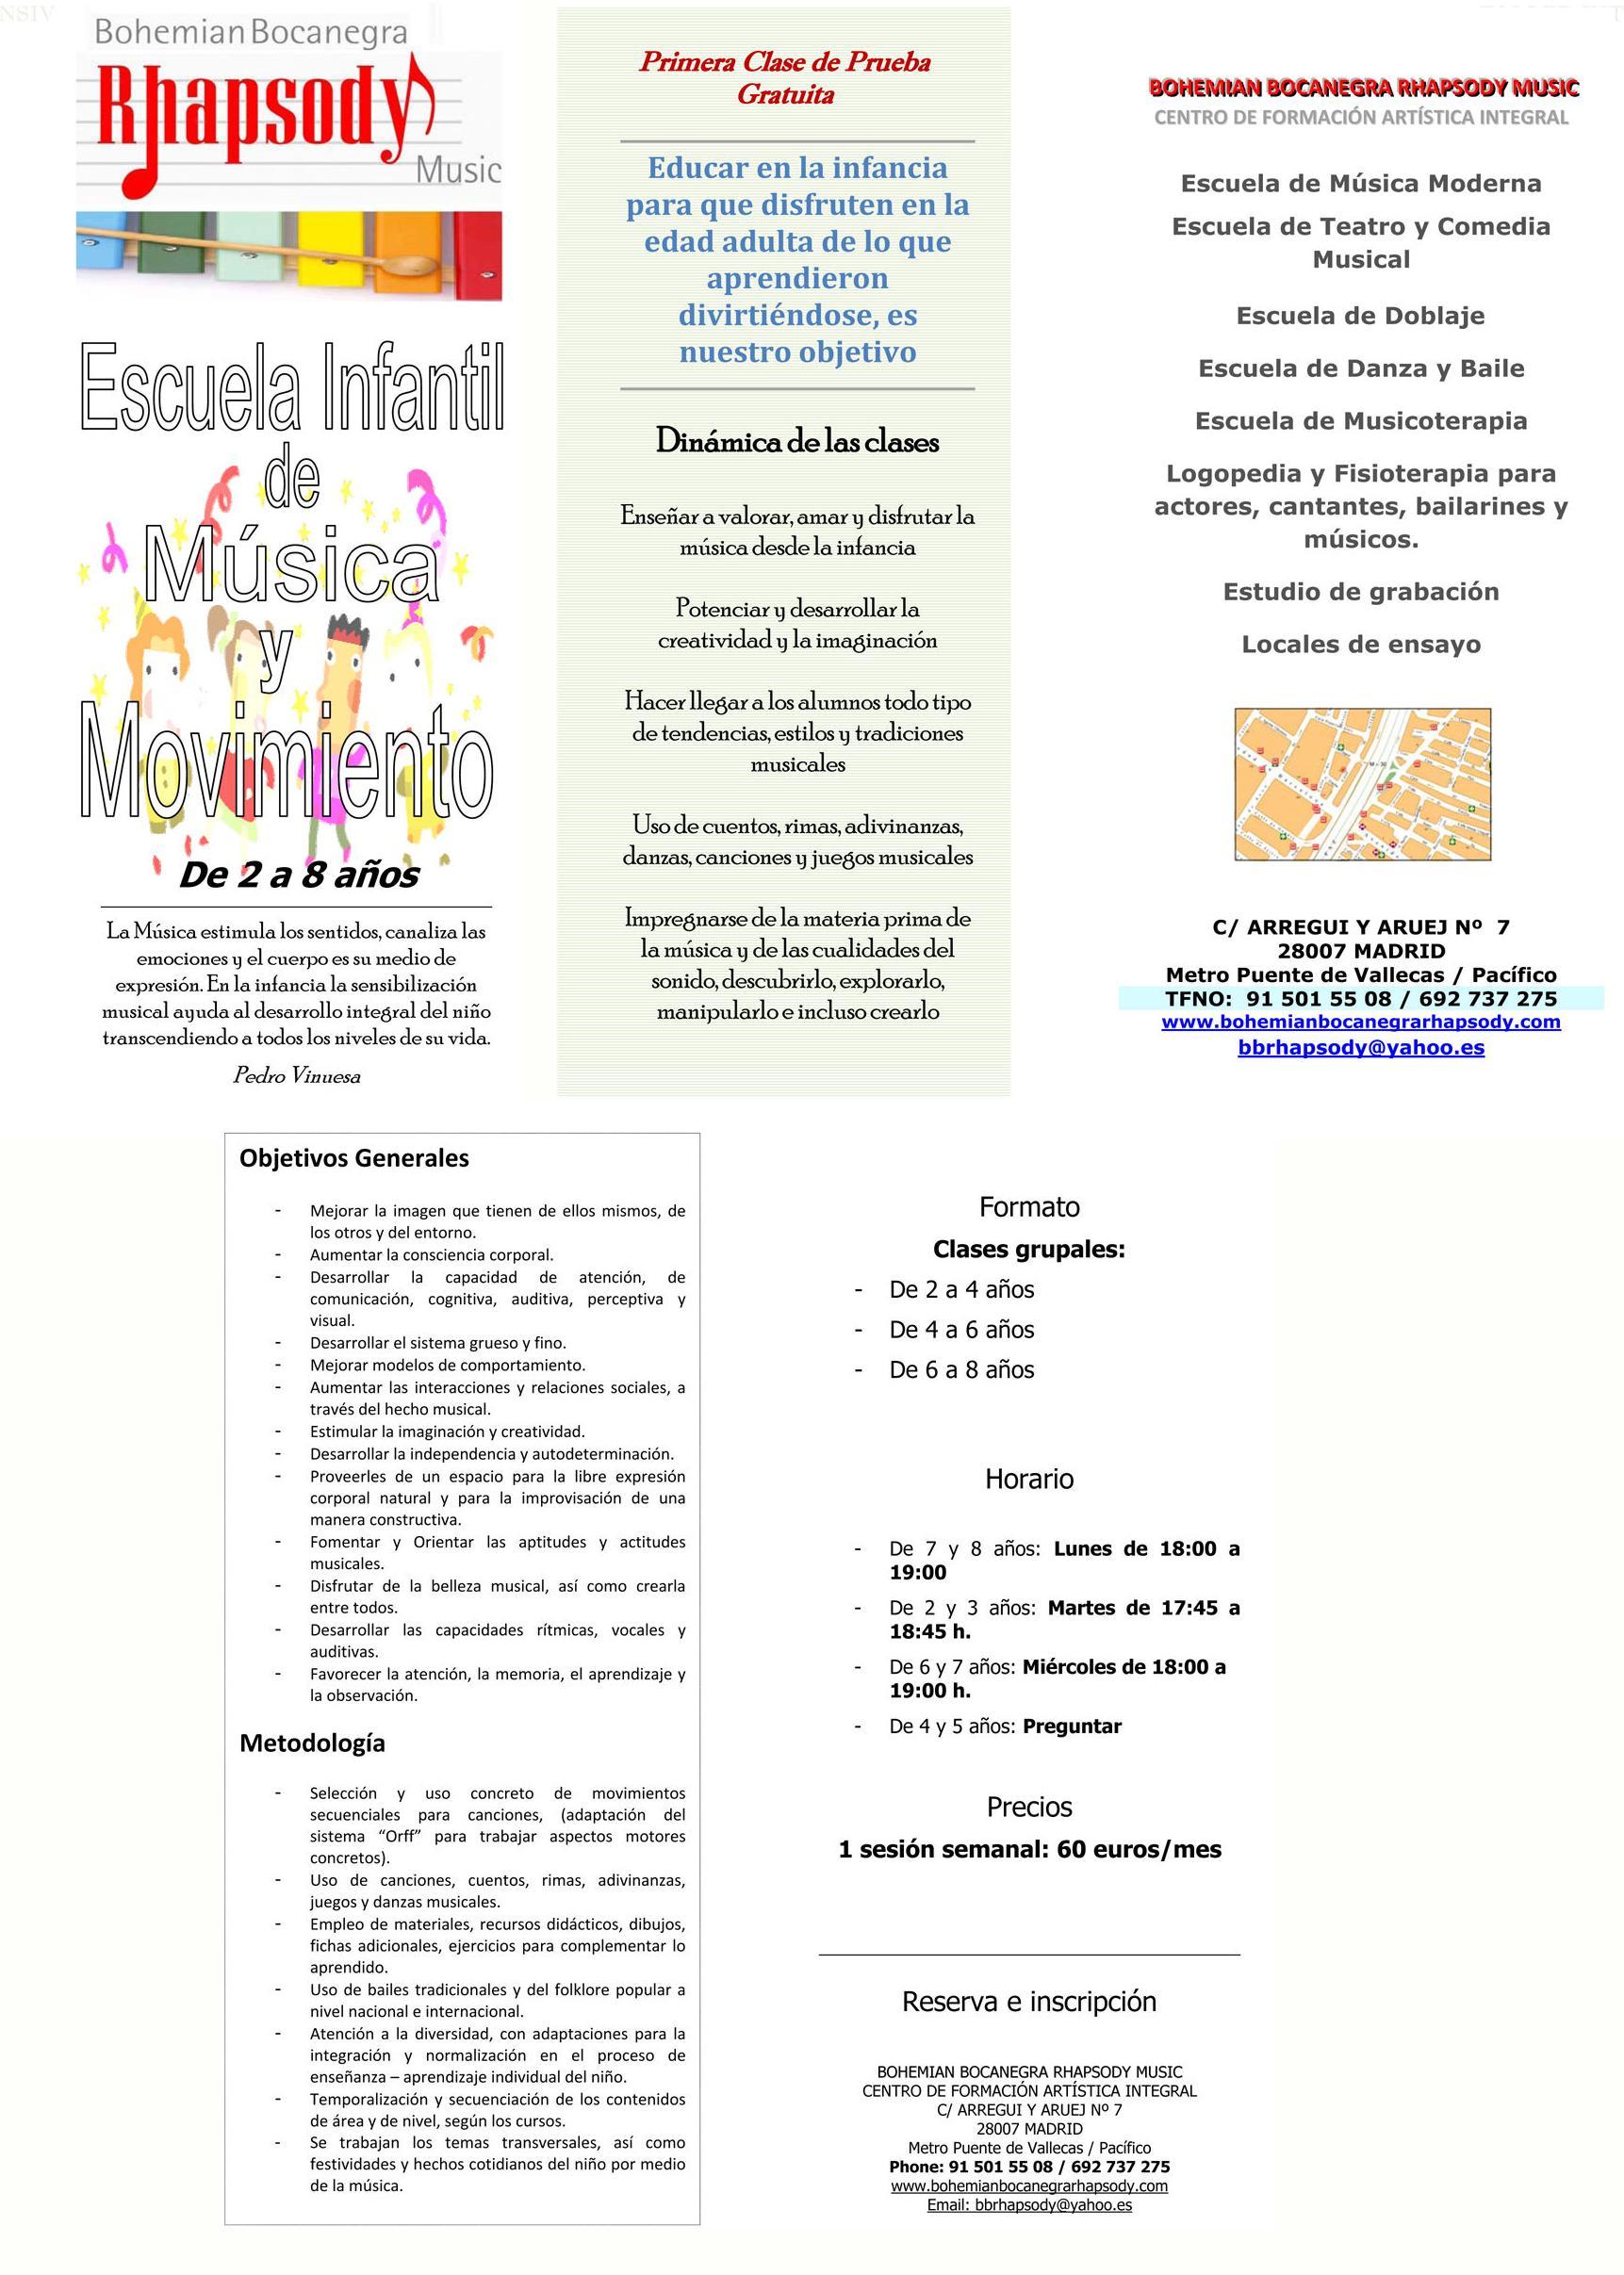 ESCUELA INFANTIL DE MUSICA Y MOVIMIENTO (DE 2 A 8 AÑOS)